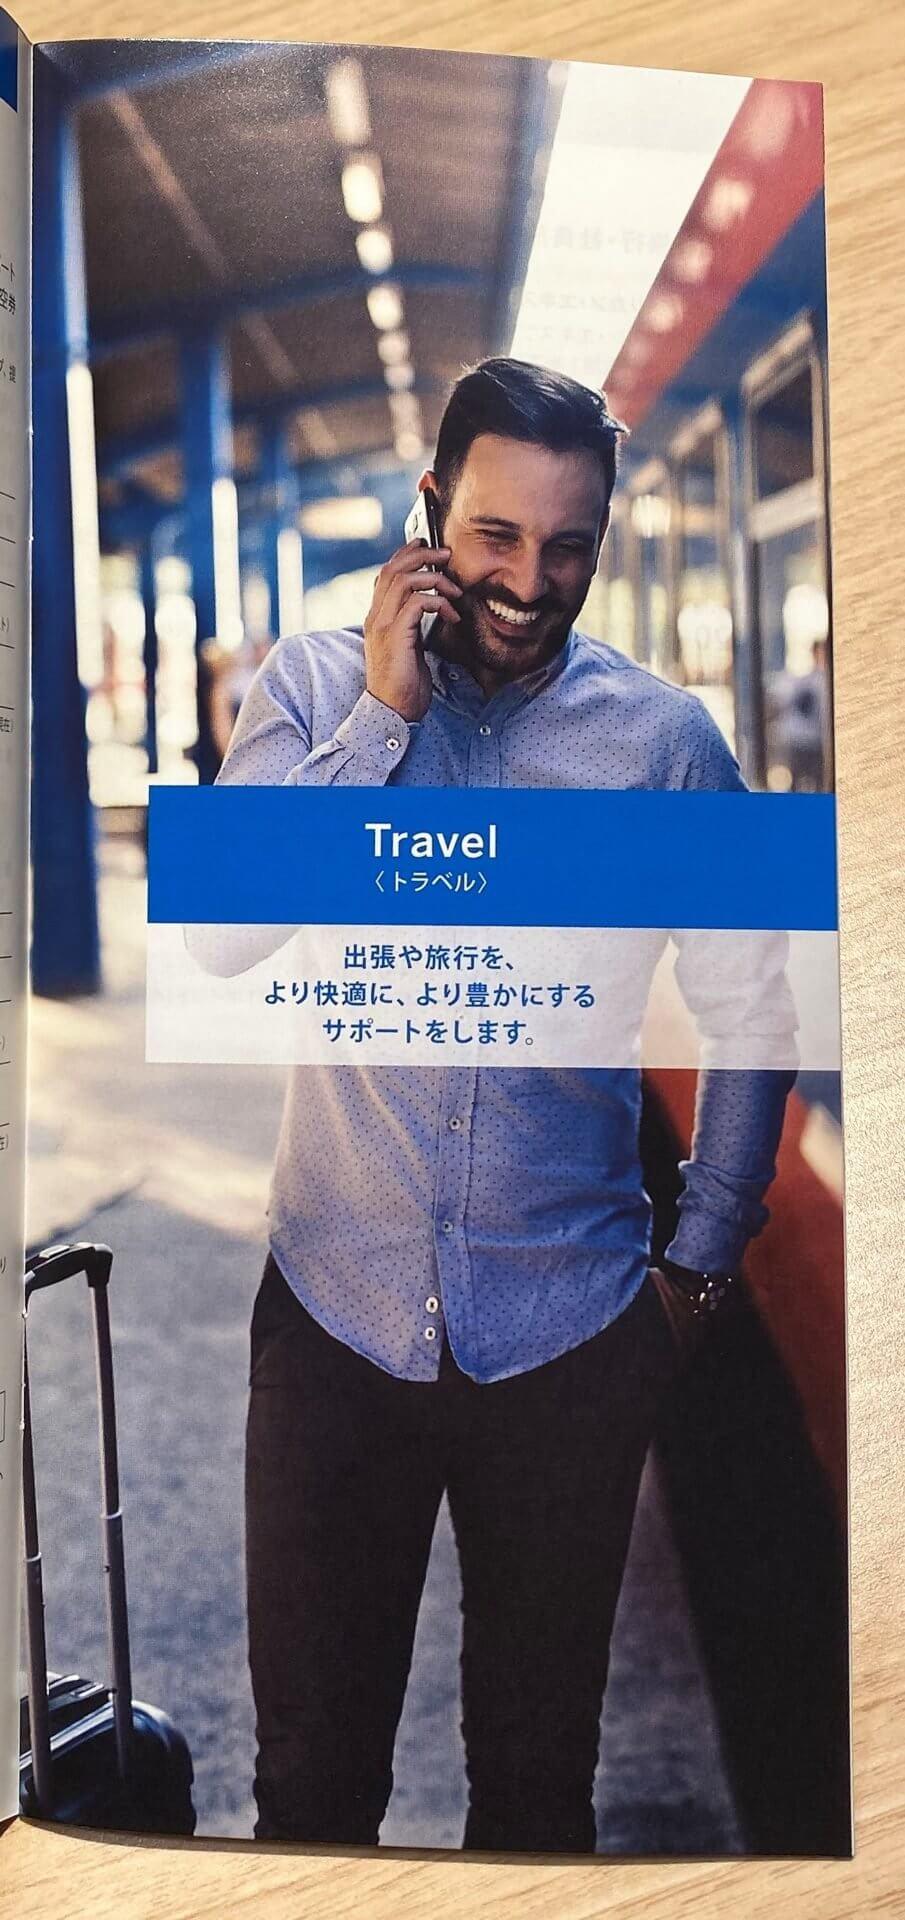 アメックスビジネスカードのトラベル特典イメージ